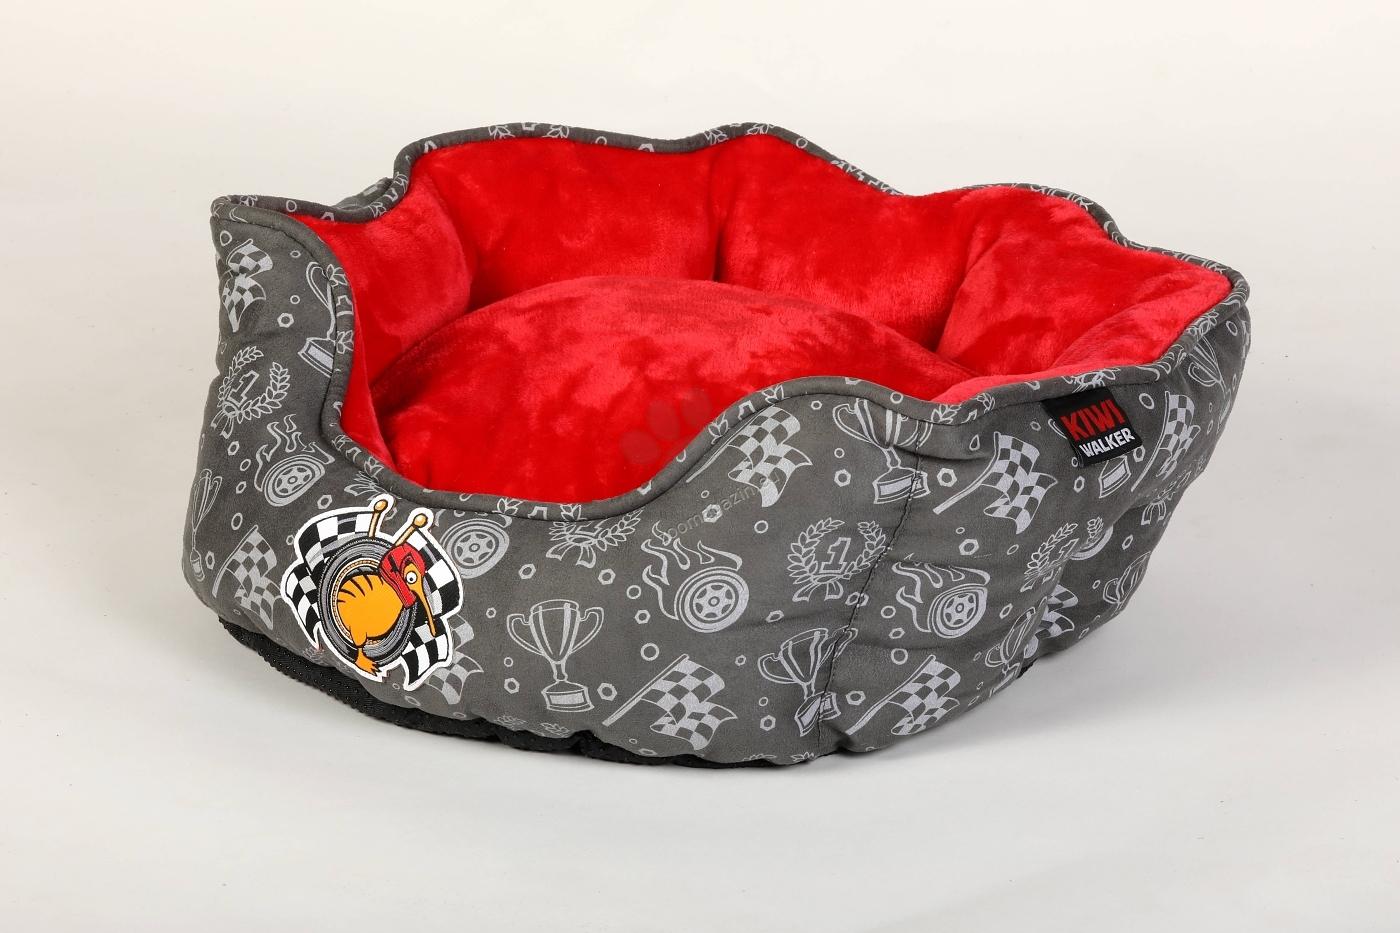 Kiwi Walker Bed Base Racer/Sailor XL - ортопедично легло с мемори пяна 65 / 65 / 22 см. / червен, син /